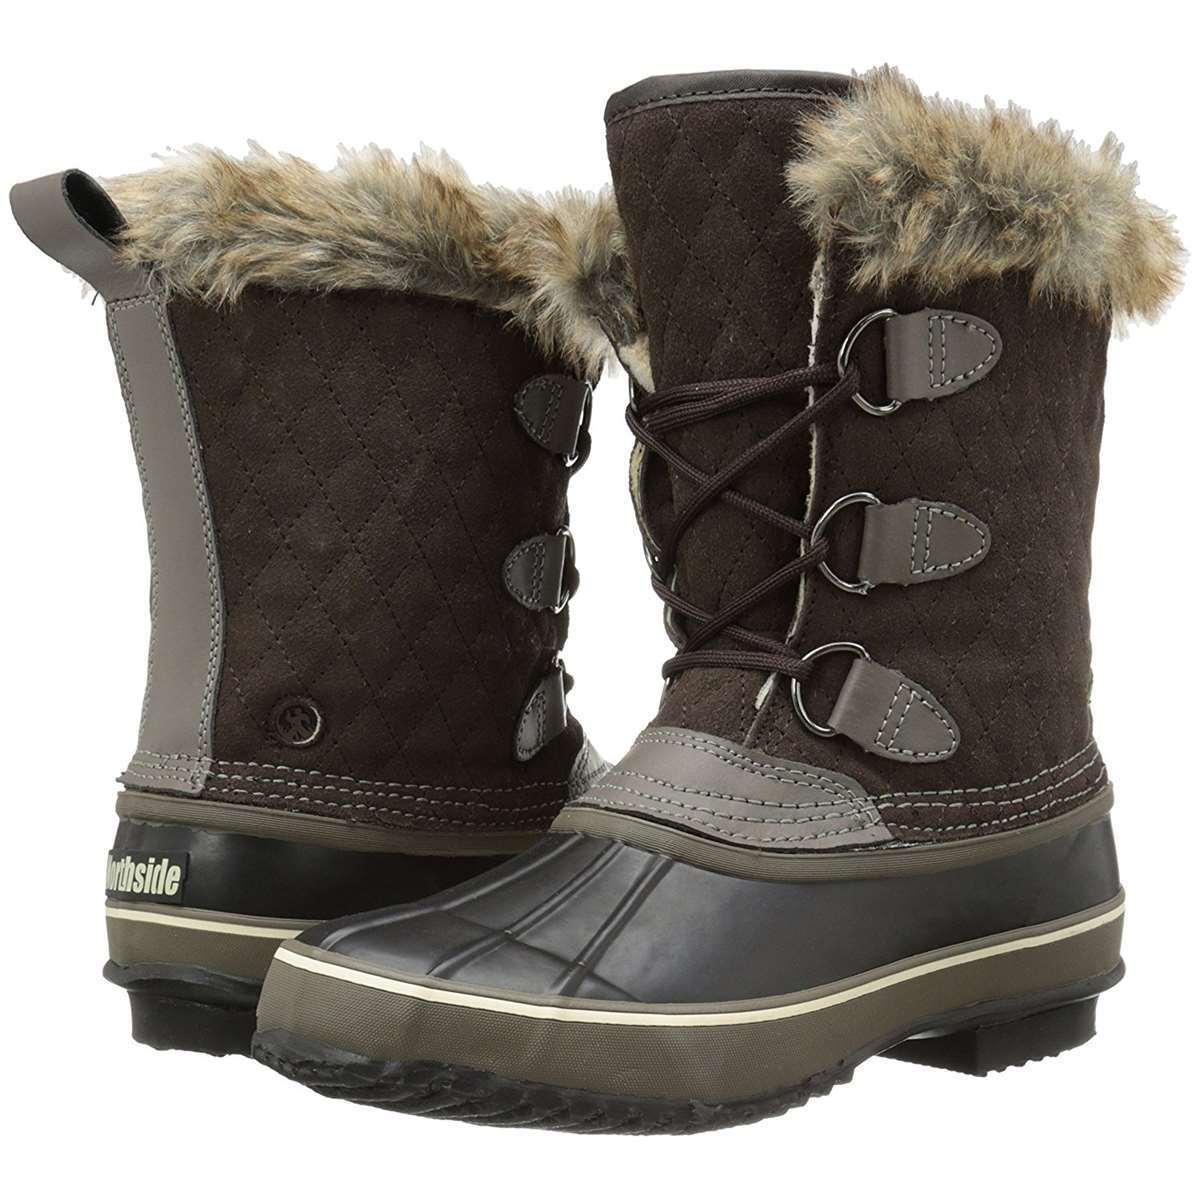 Damen Schneestiefel Northside Mont Stiefel Blanc Winter Kaltes Wetter Stiefel Mont Neu 0657ae